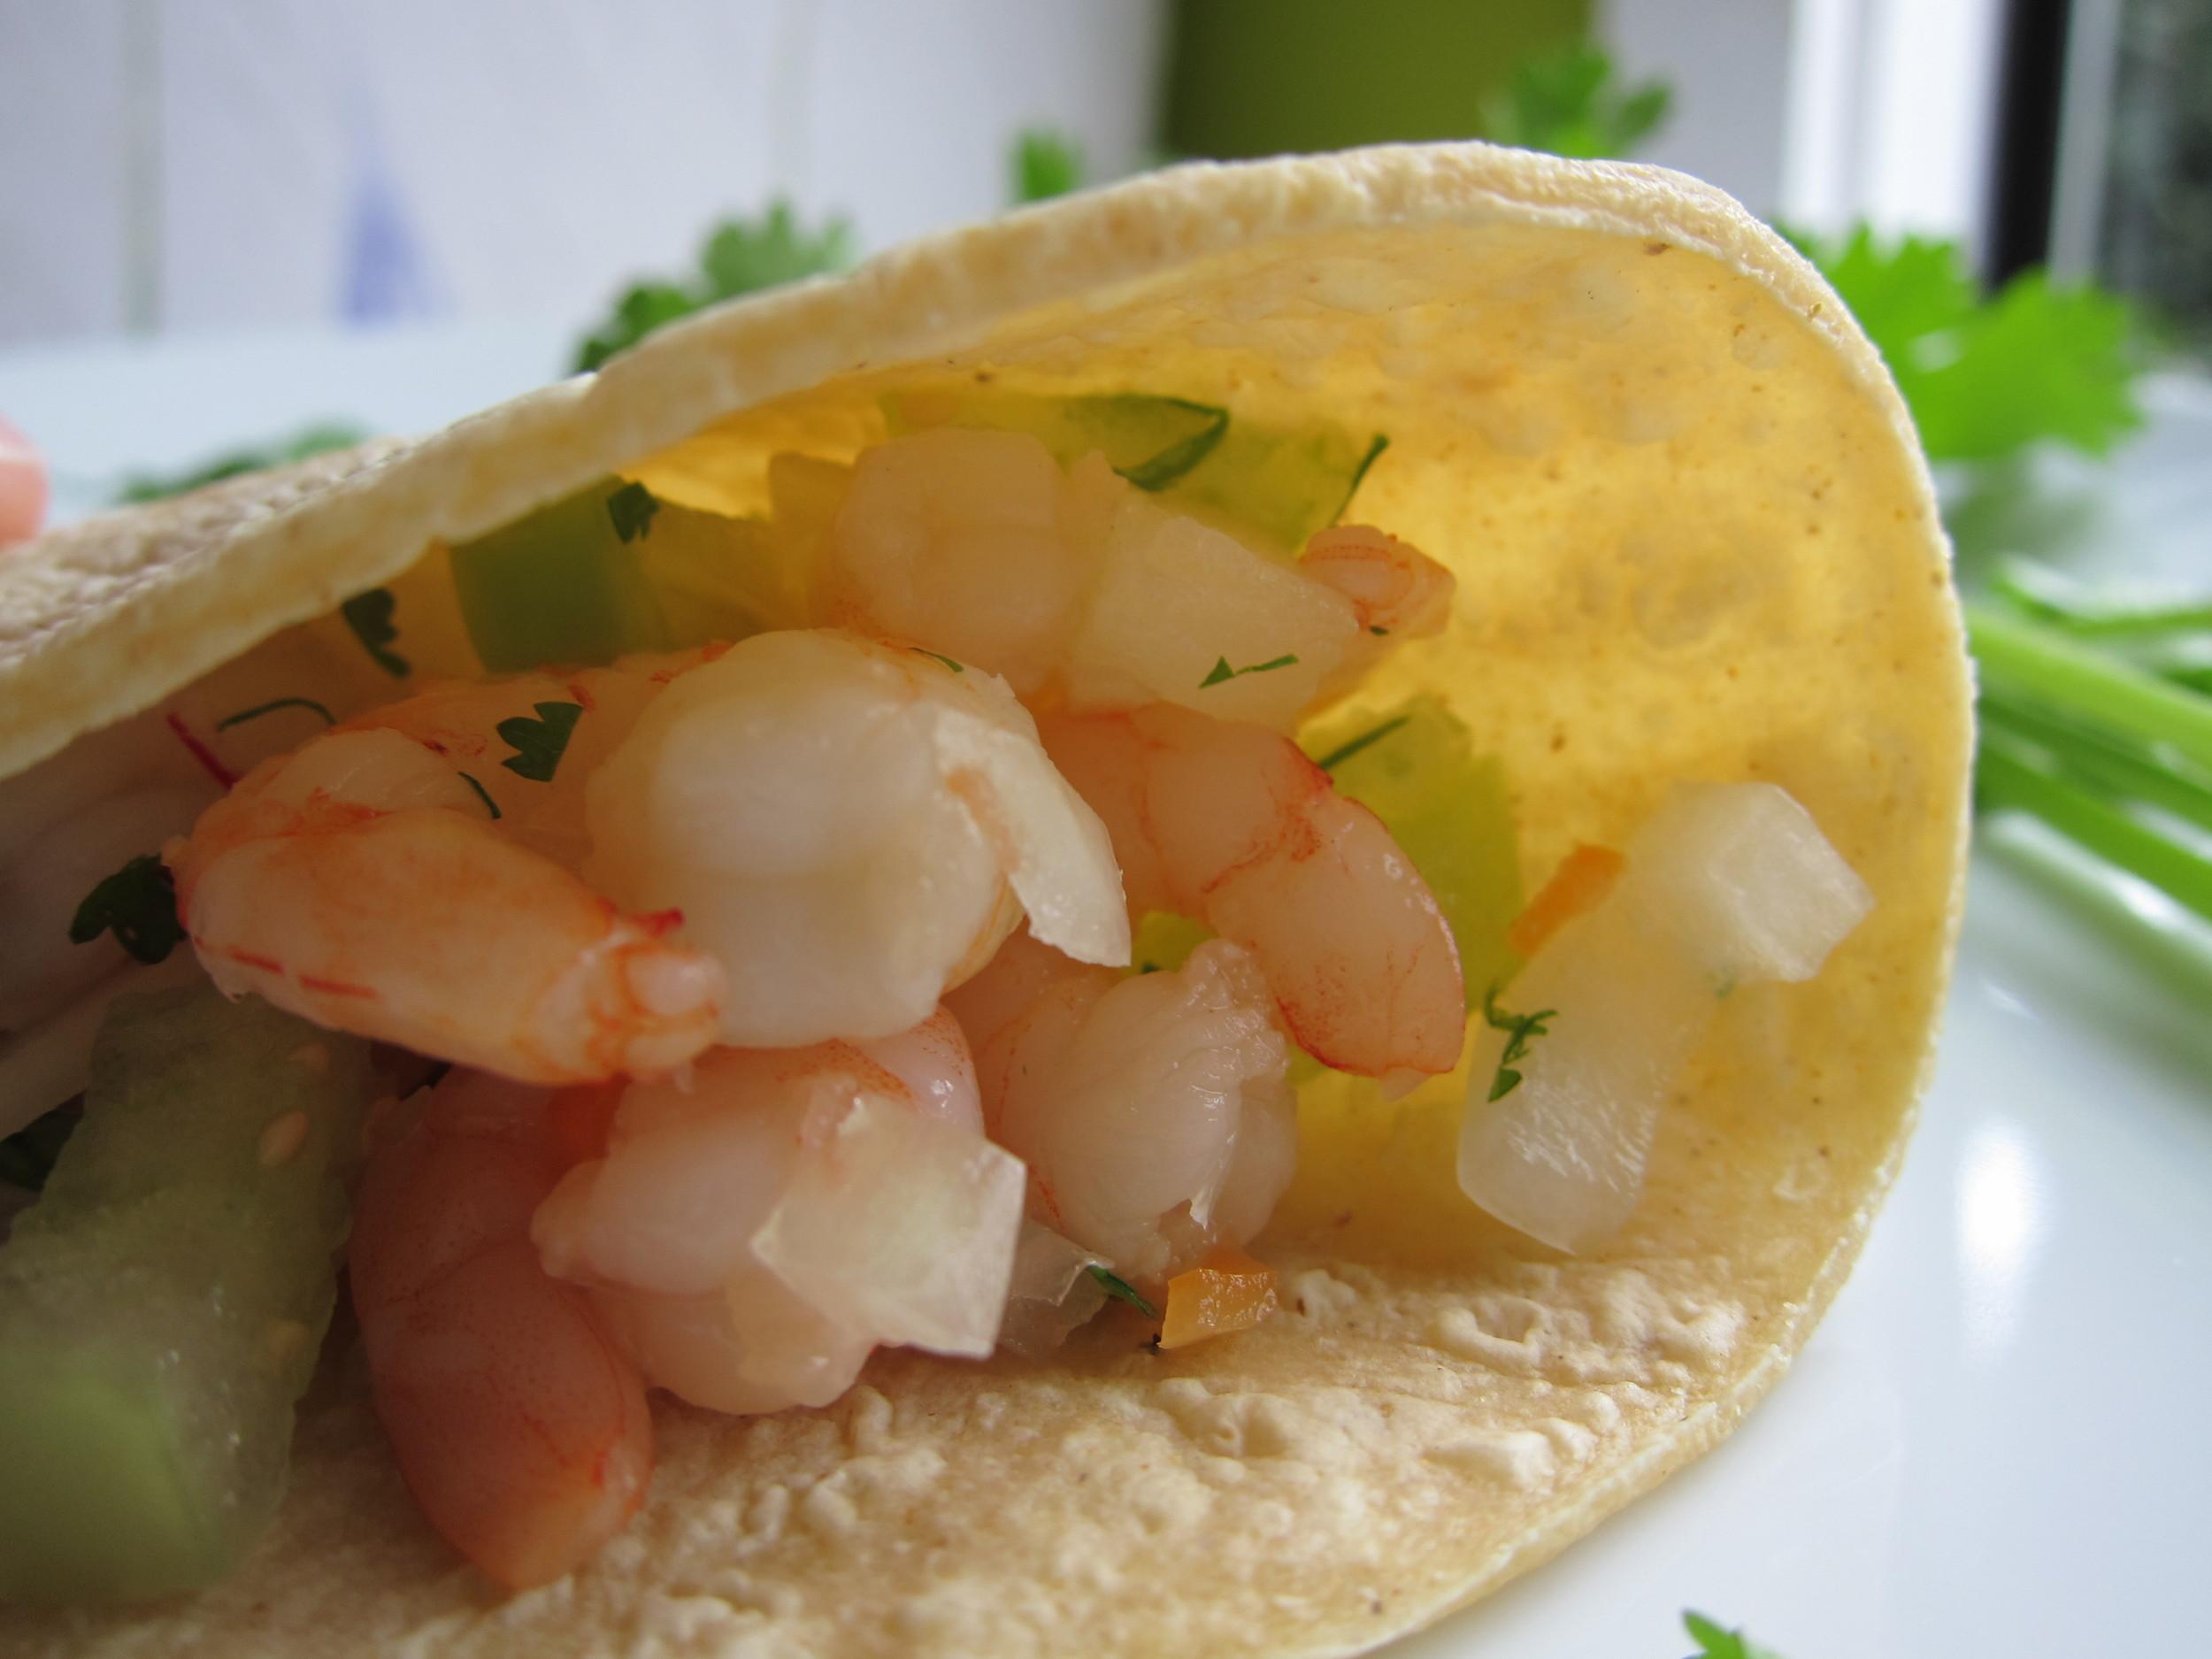 Tacos de Mariscos a la Vinagreta: Seafood Salad Tacos with Tomato, Radish and Habanero